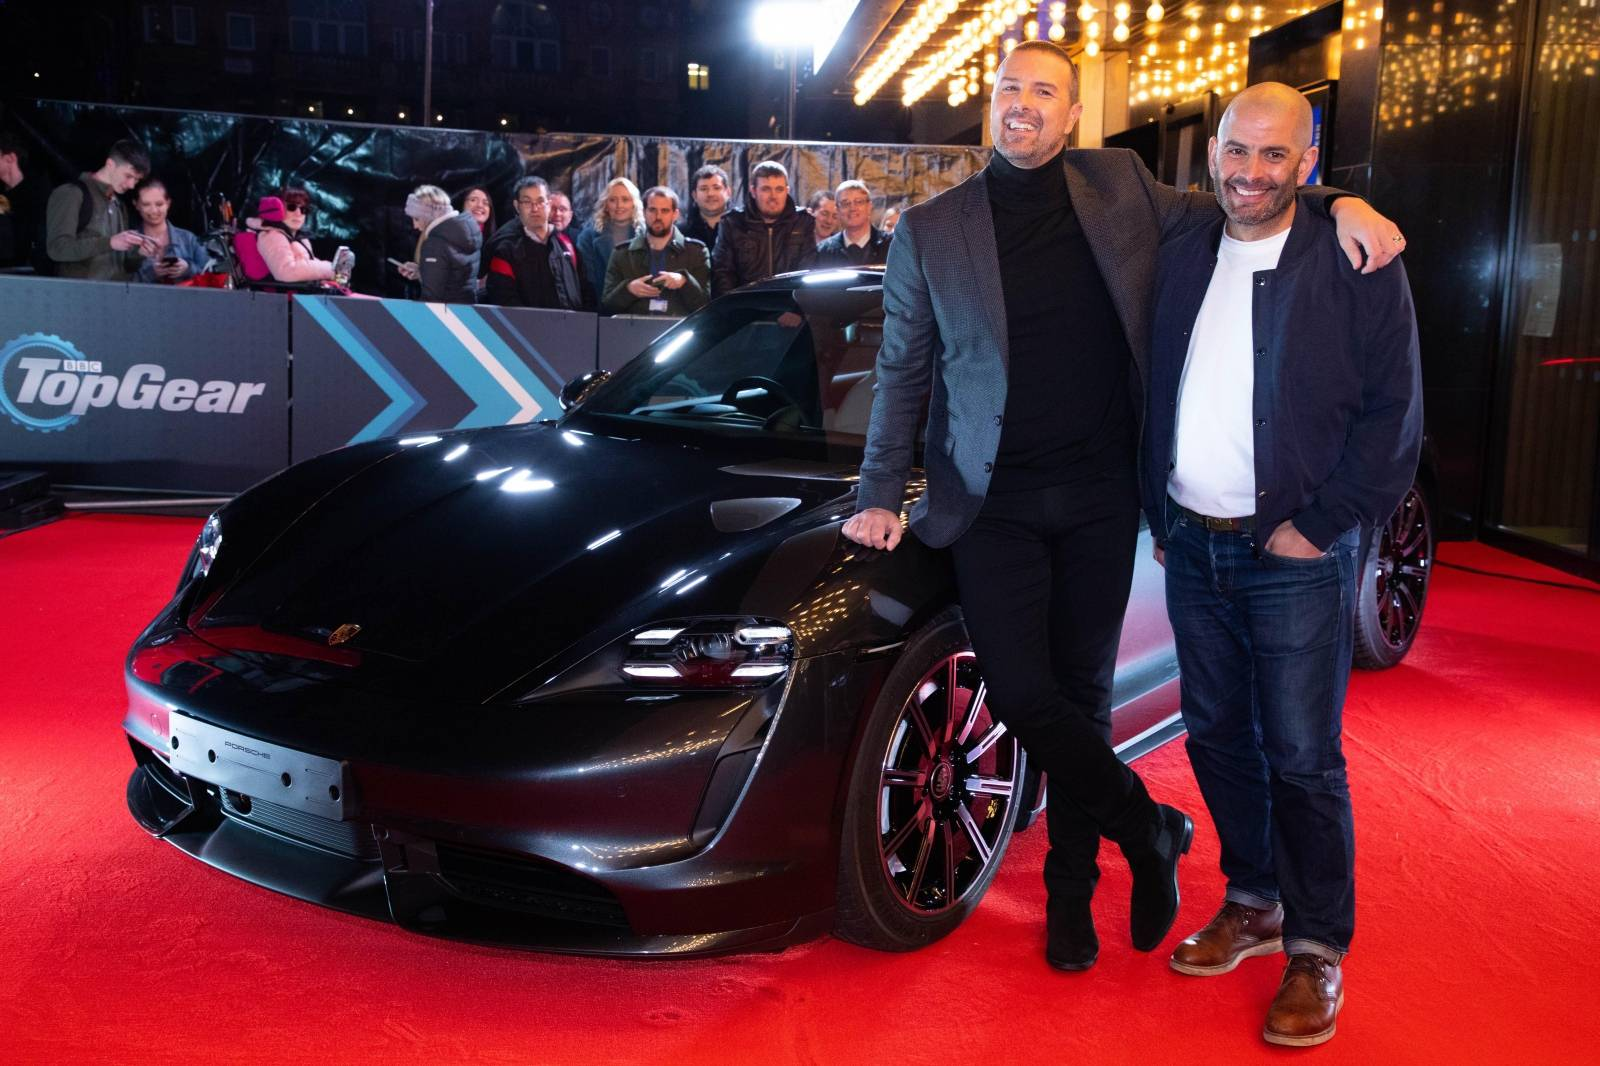 Top Gear Season 28 Premiere - London